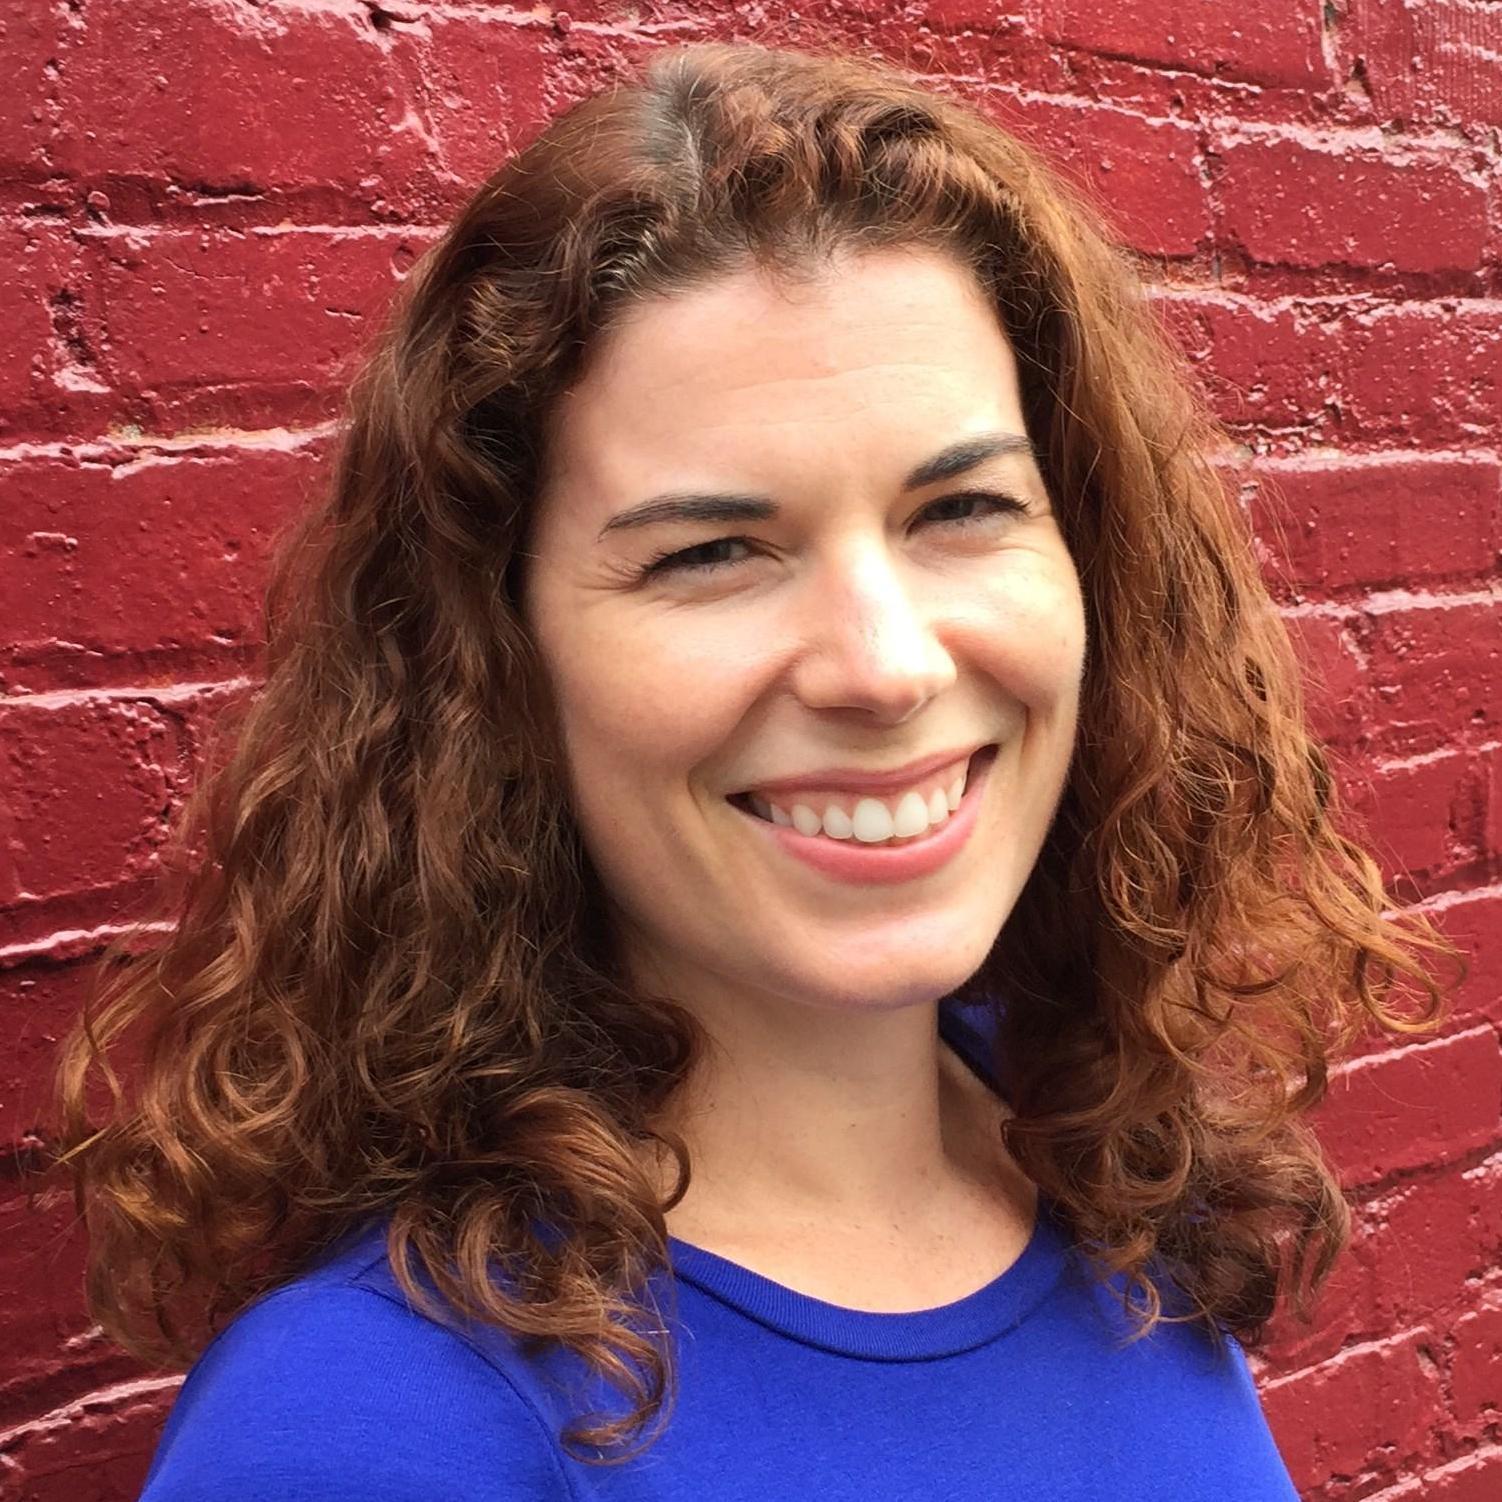 Gina Daly